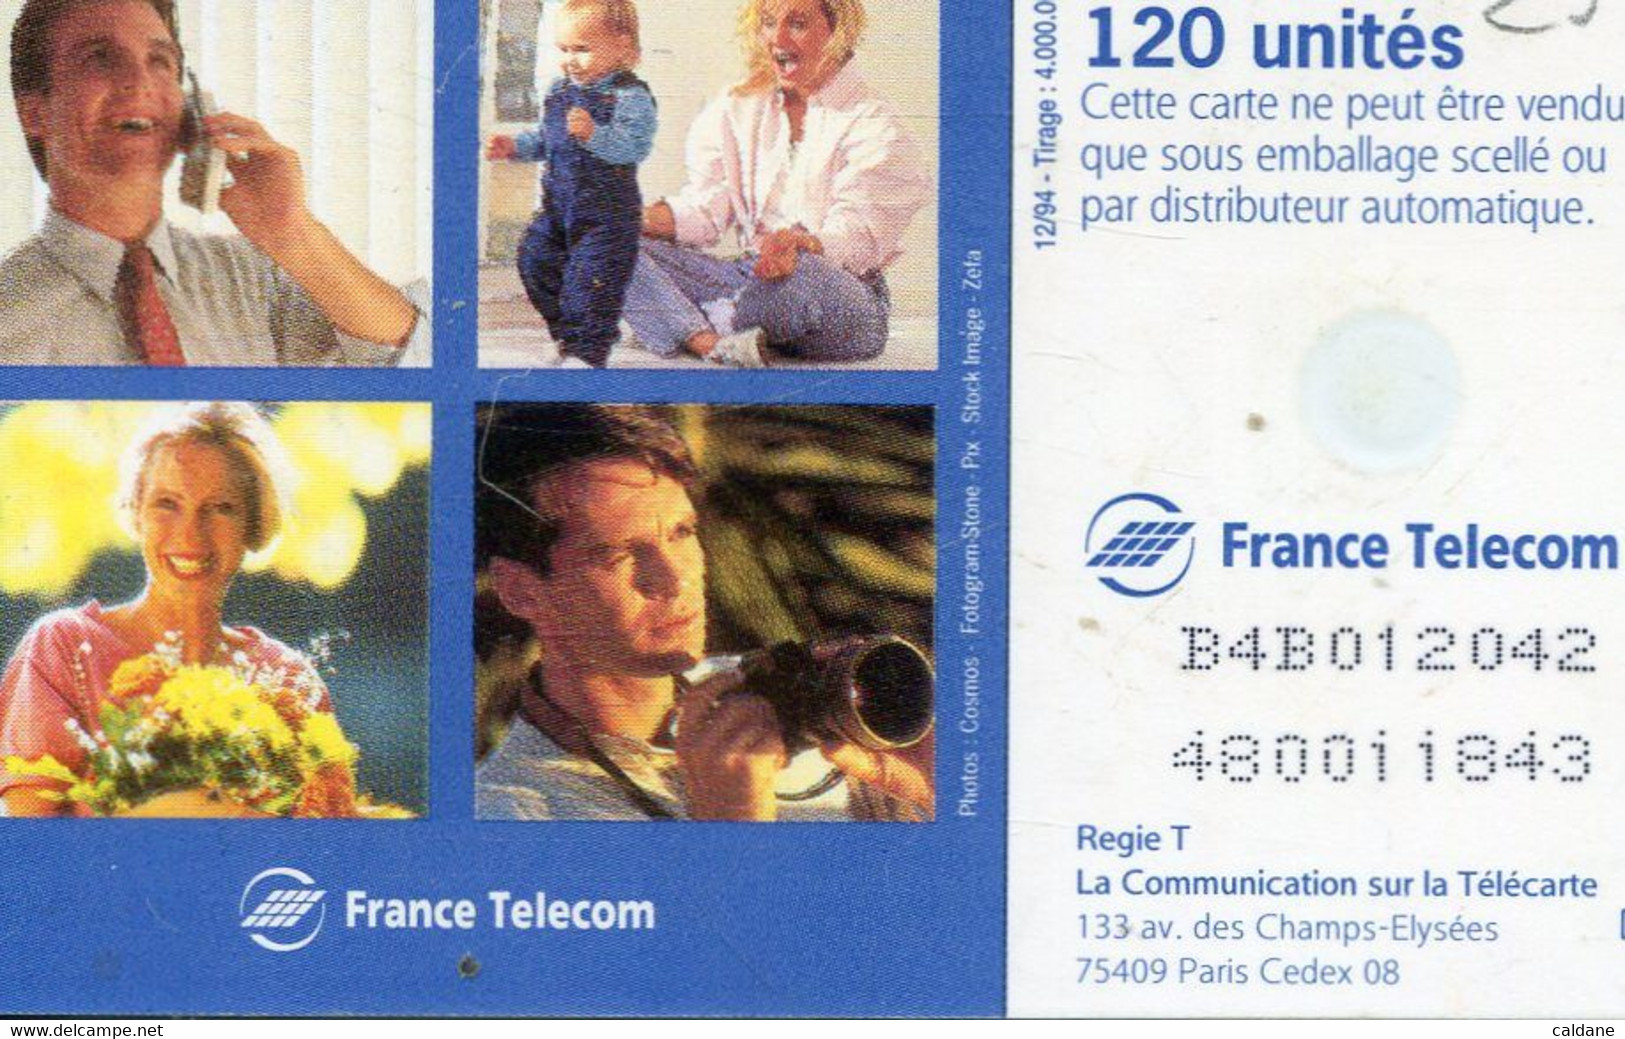 TELECARTE  France Telecom  120. UNITES - Telecom